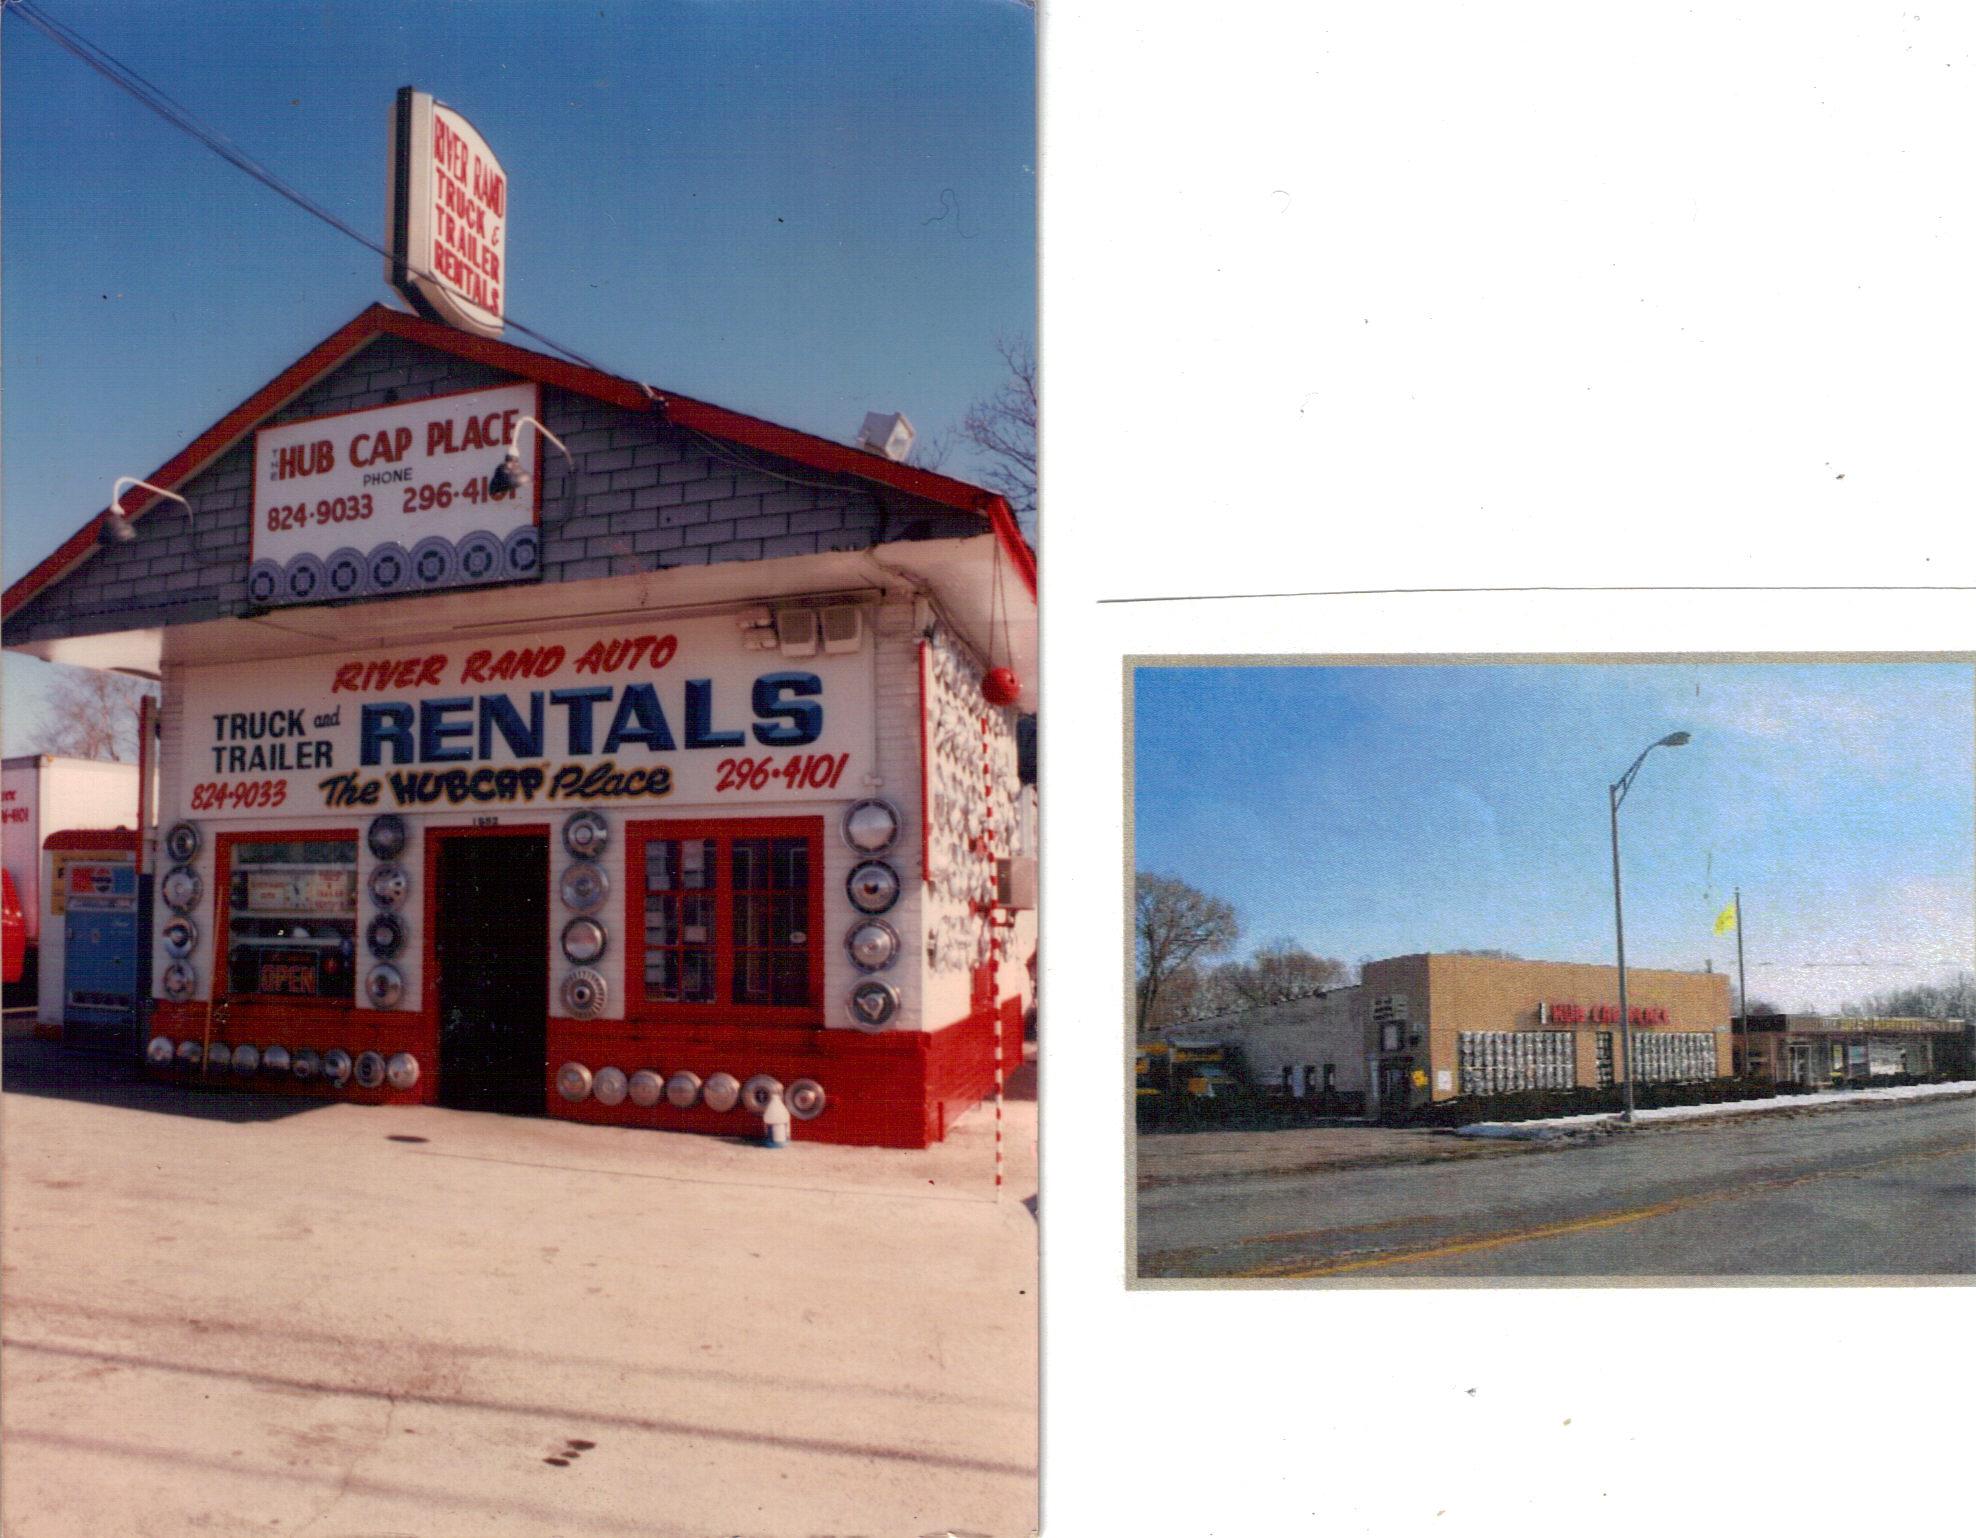 Hub Cap & Wheel Cover Place - Des Plaines, IL